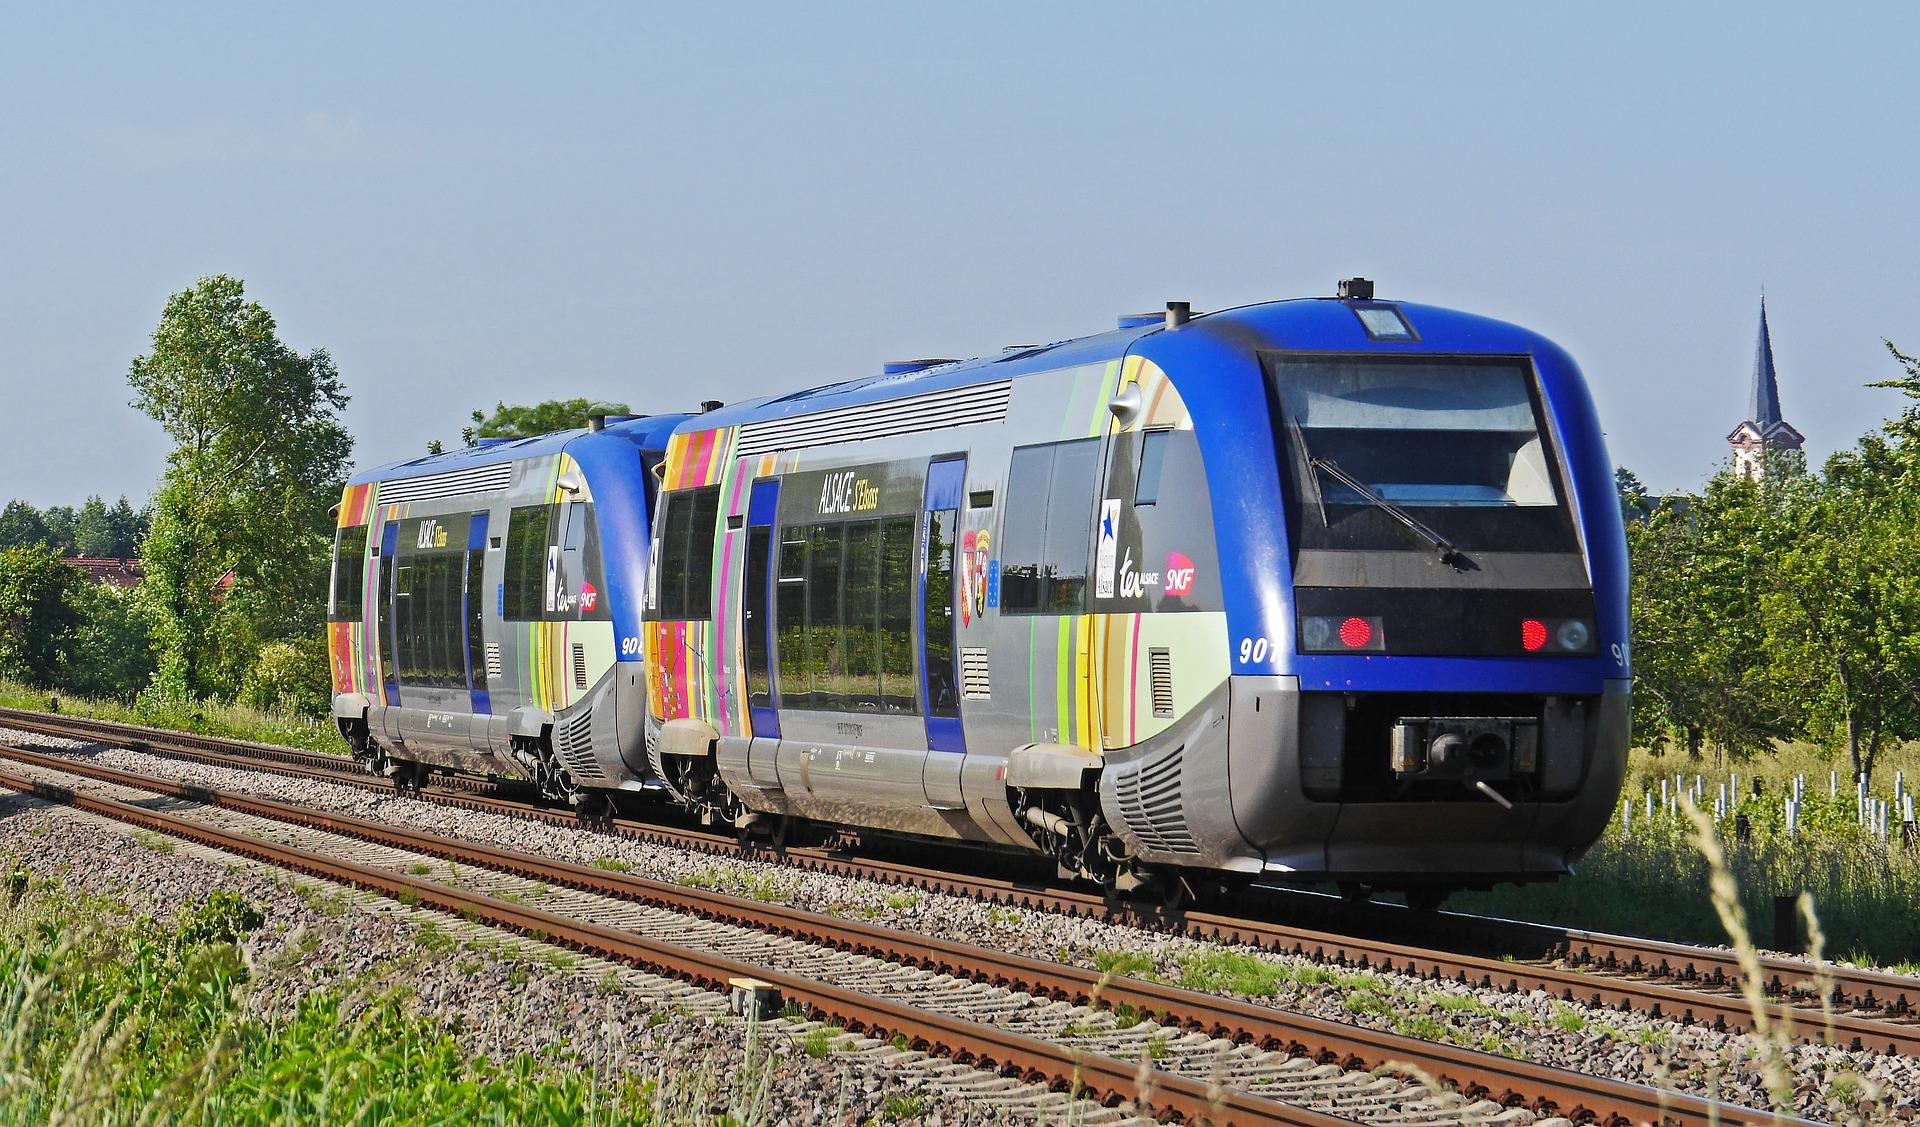 diesel-railcar-2151945_1920